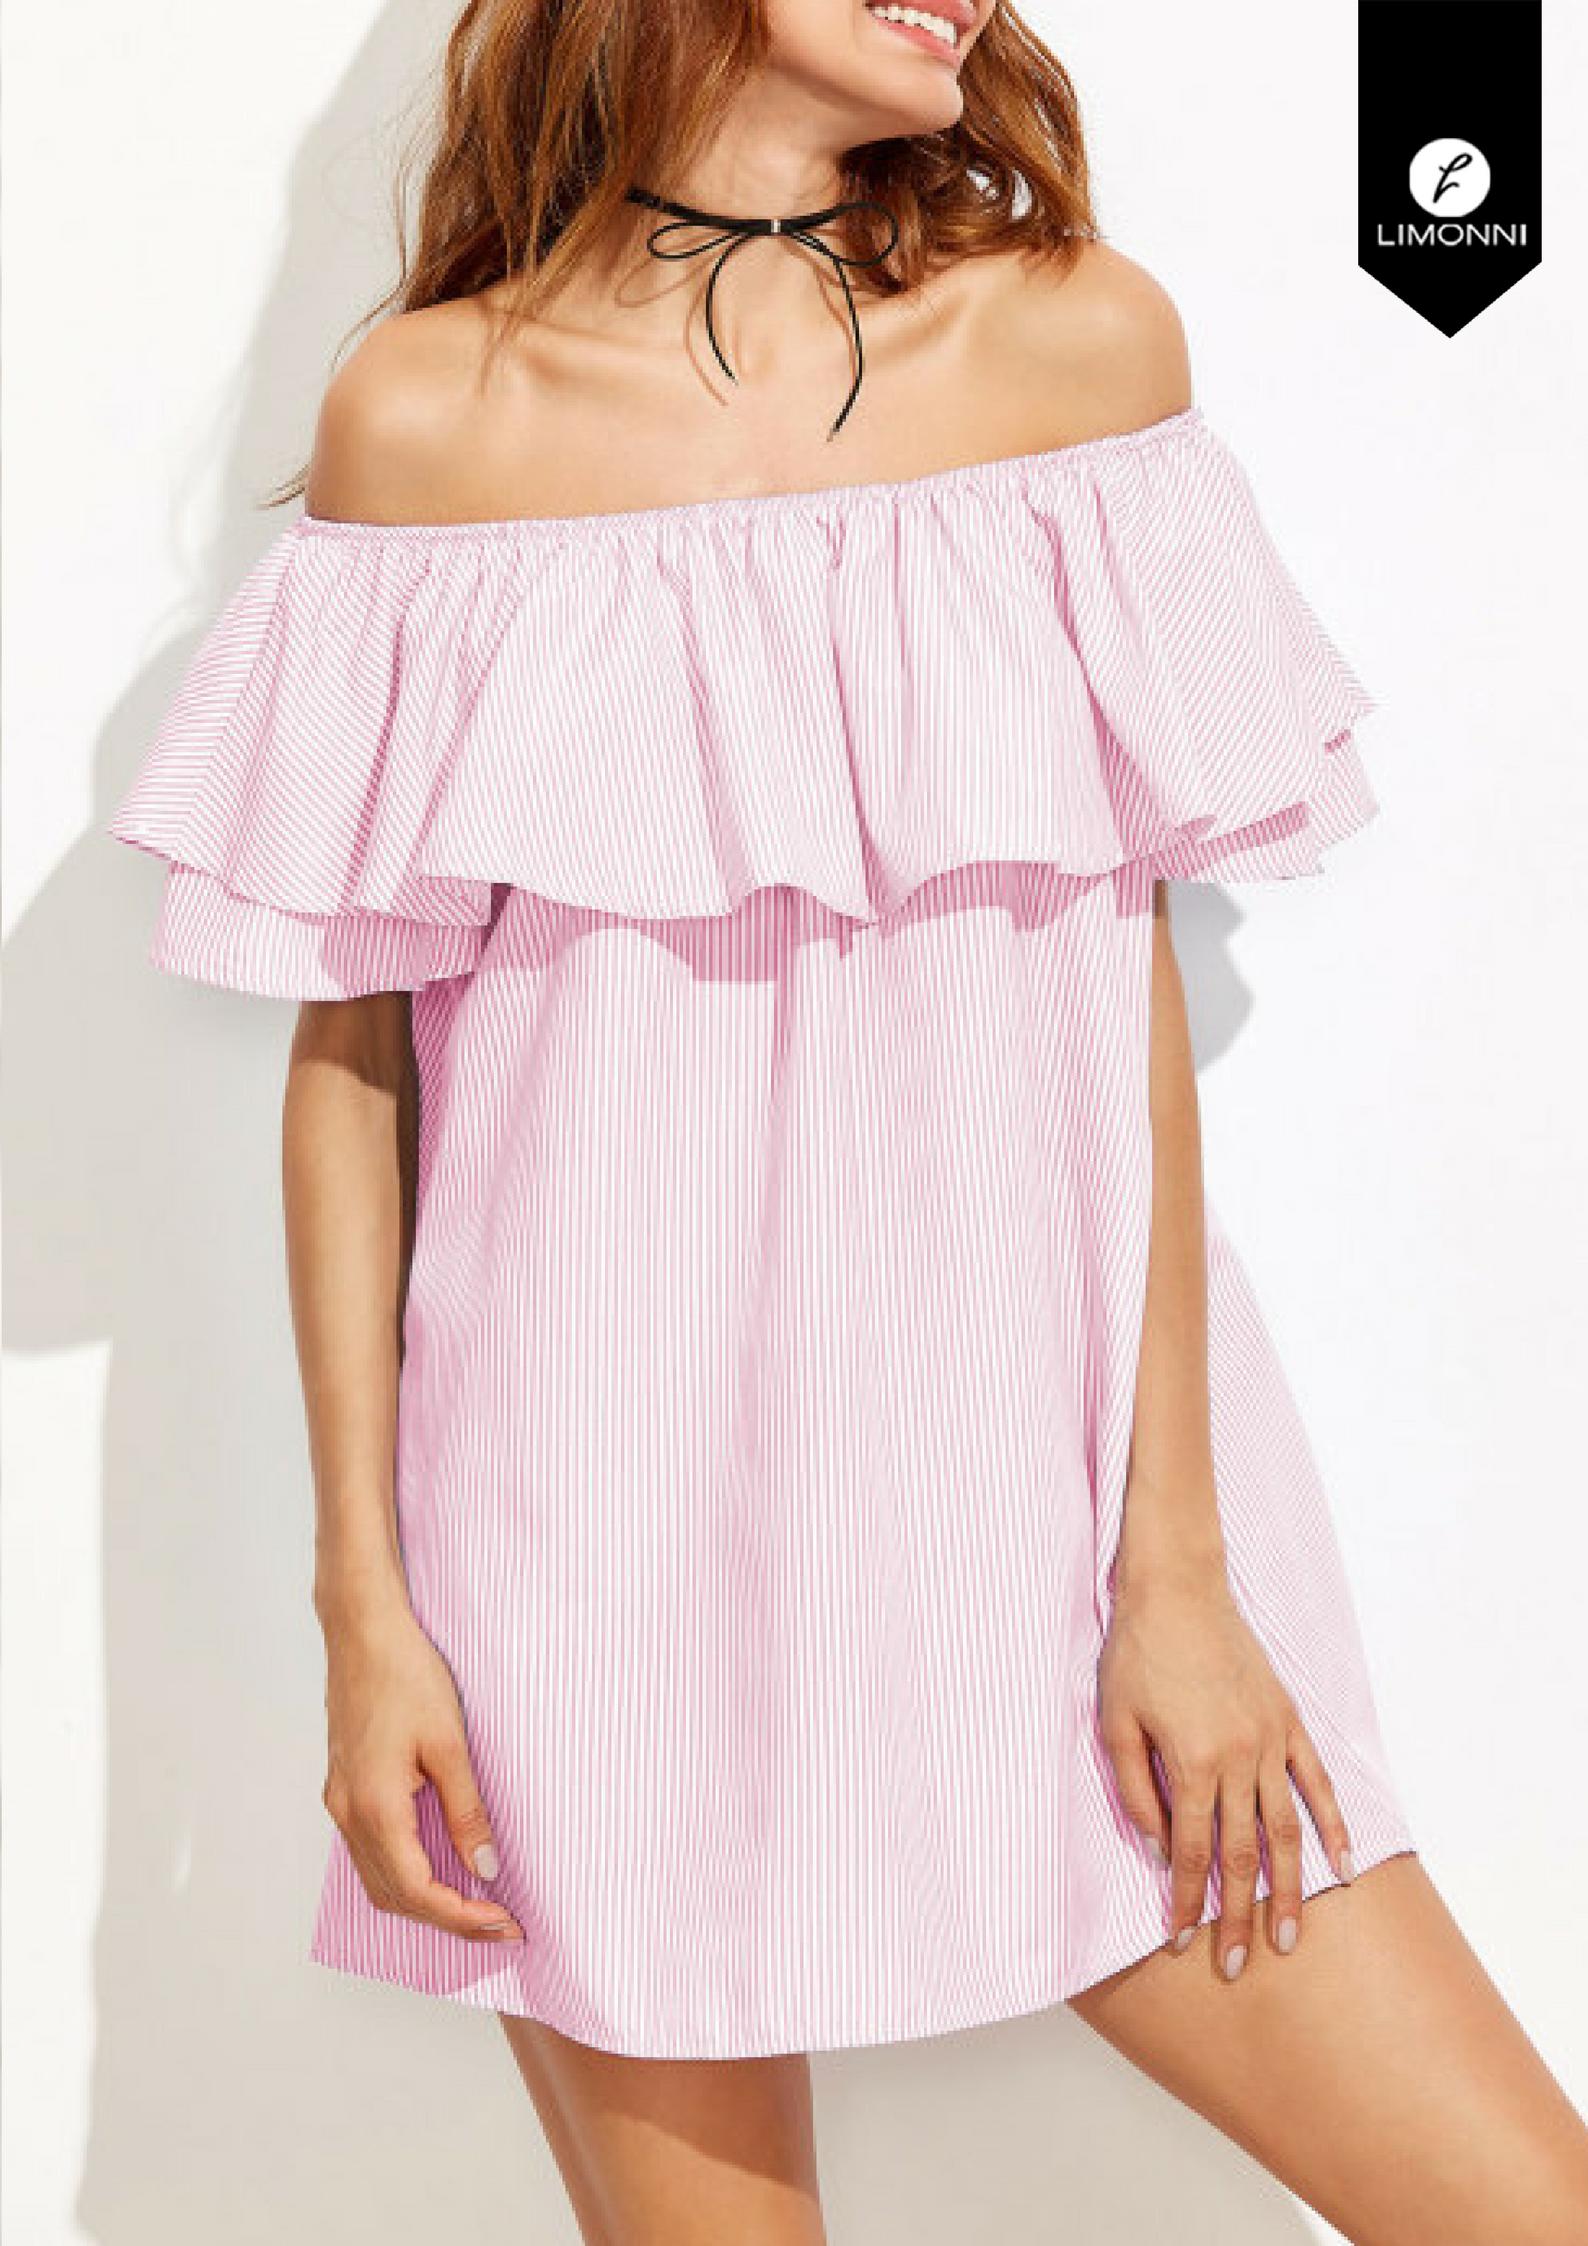 Vestidos para mujer Limonni Limonni LI1495 Cortos Casuales